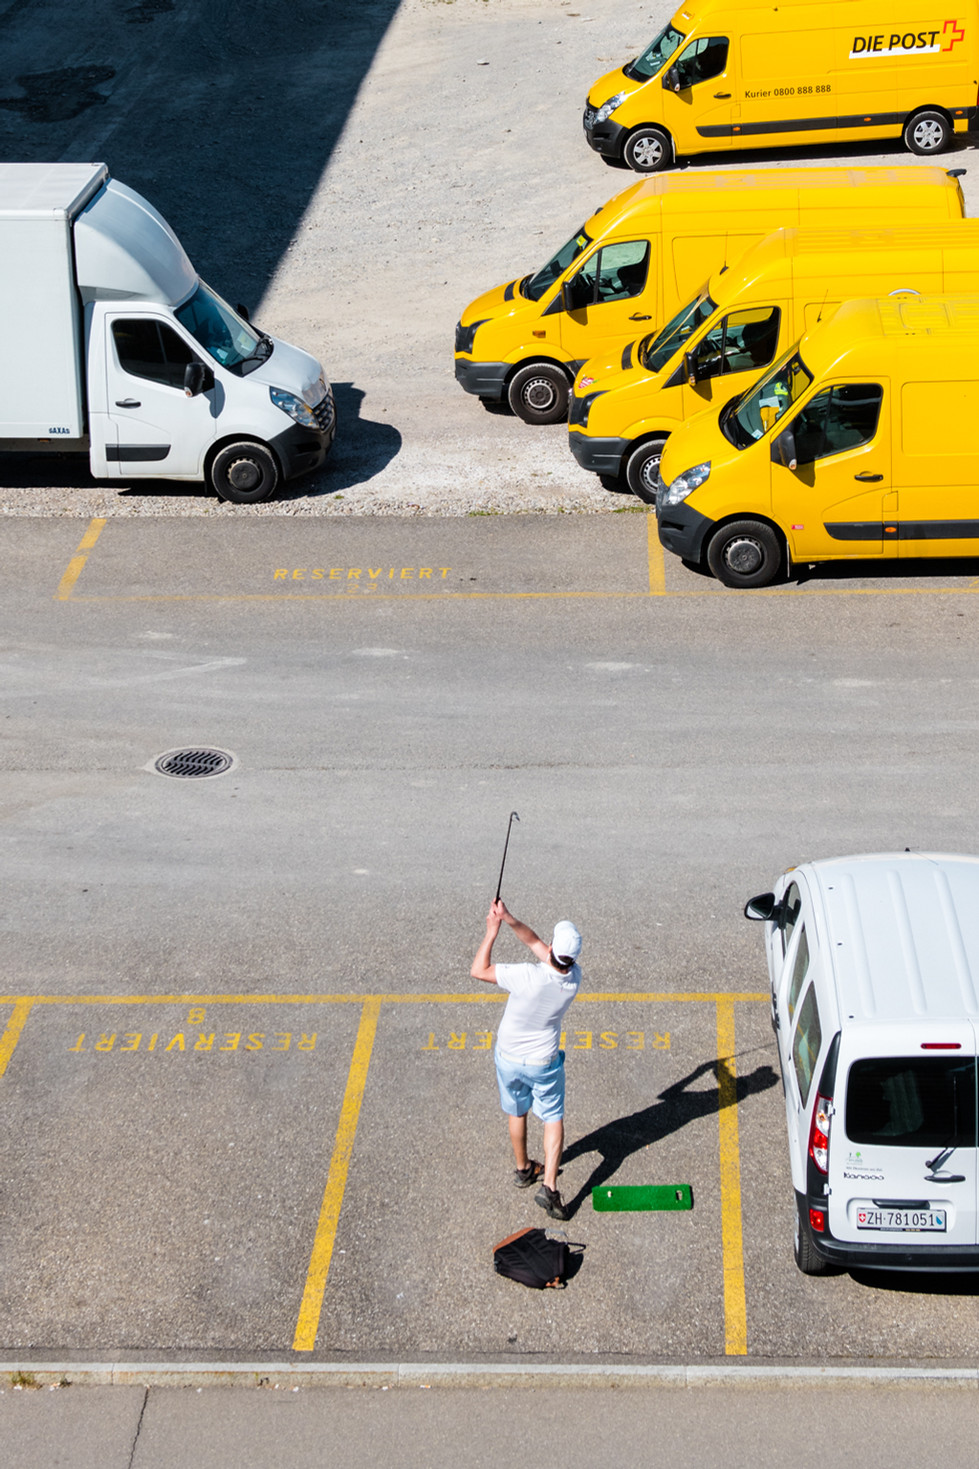 Parkplatz statt Golfplatz: Ein Spieler hält sich für die Post-Corona-Zeit in Schuss. Sonntag, 15.38 Uhr, Eduard-Imhof-Strasse.